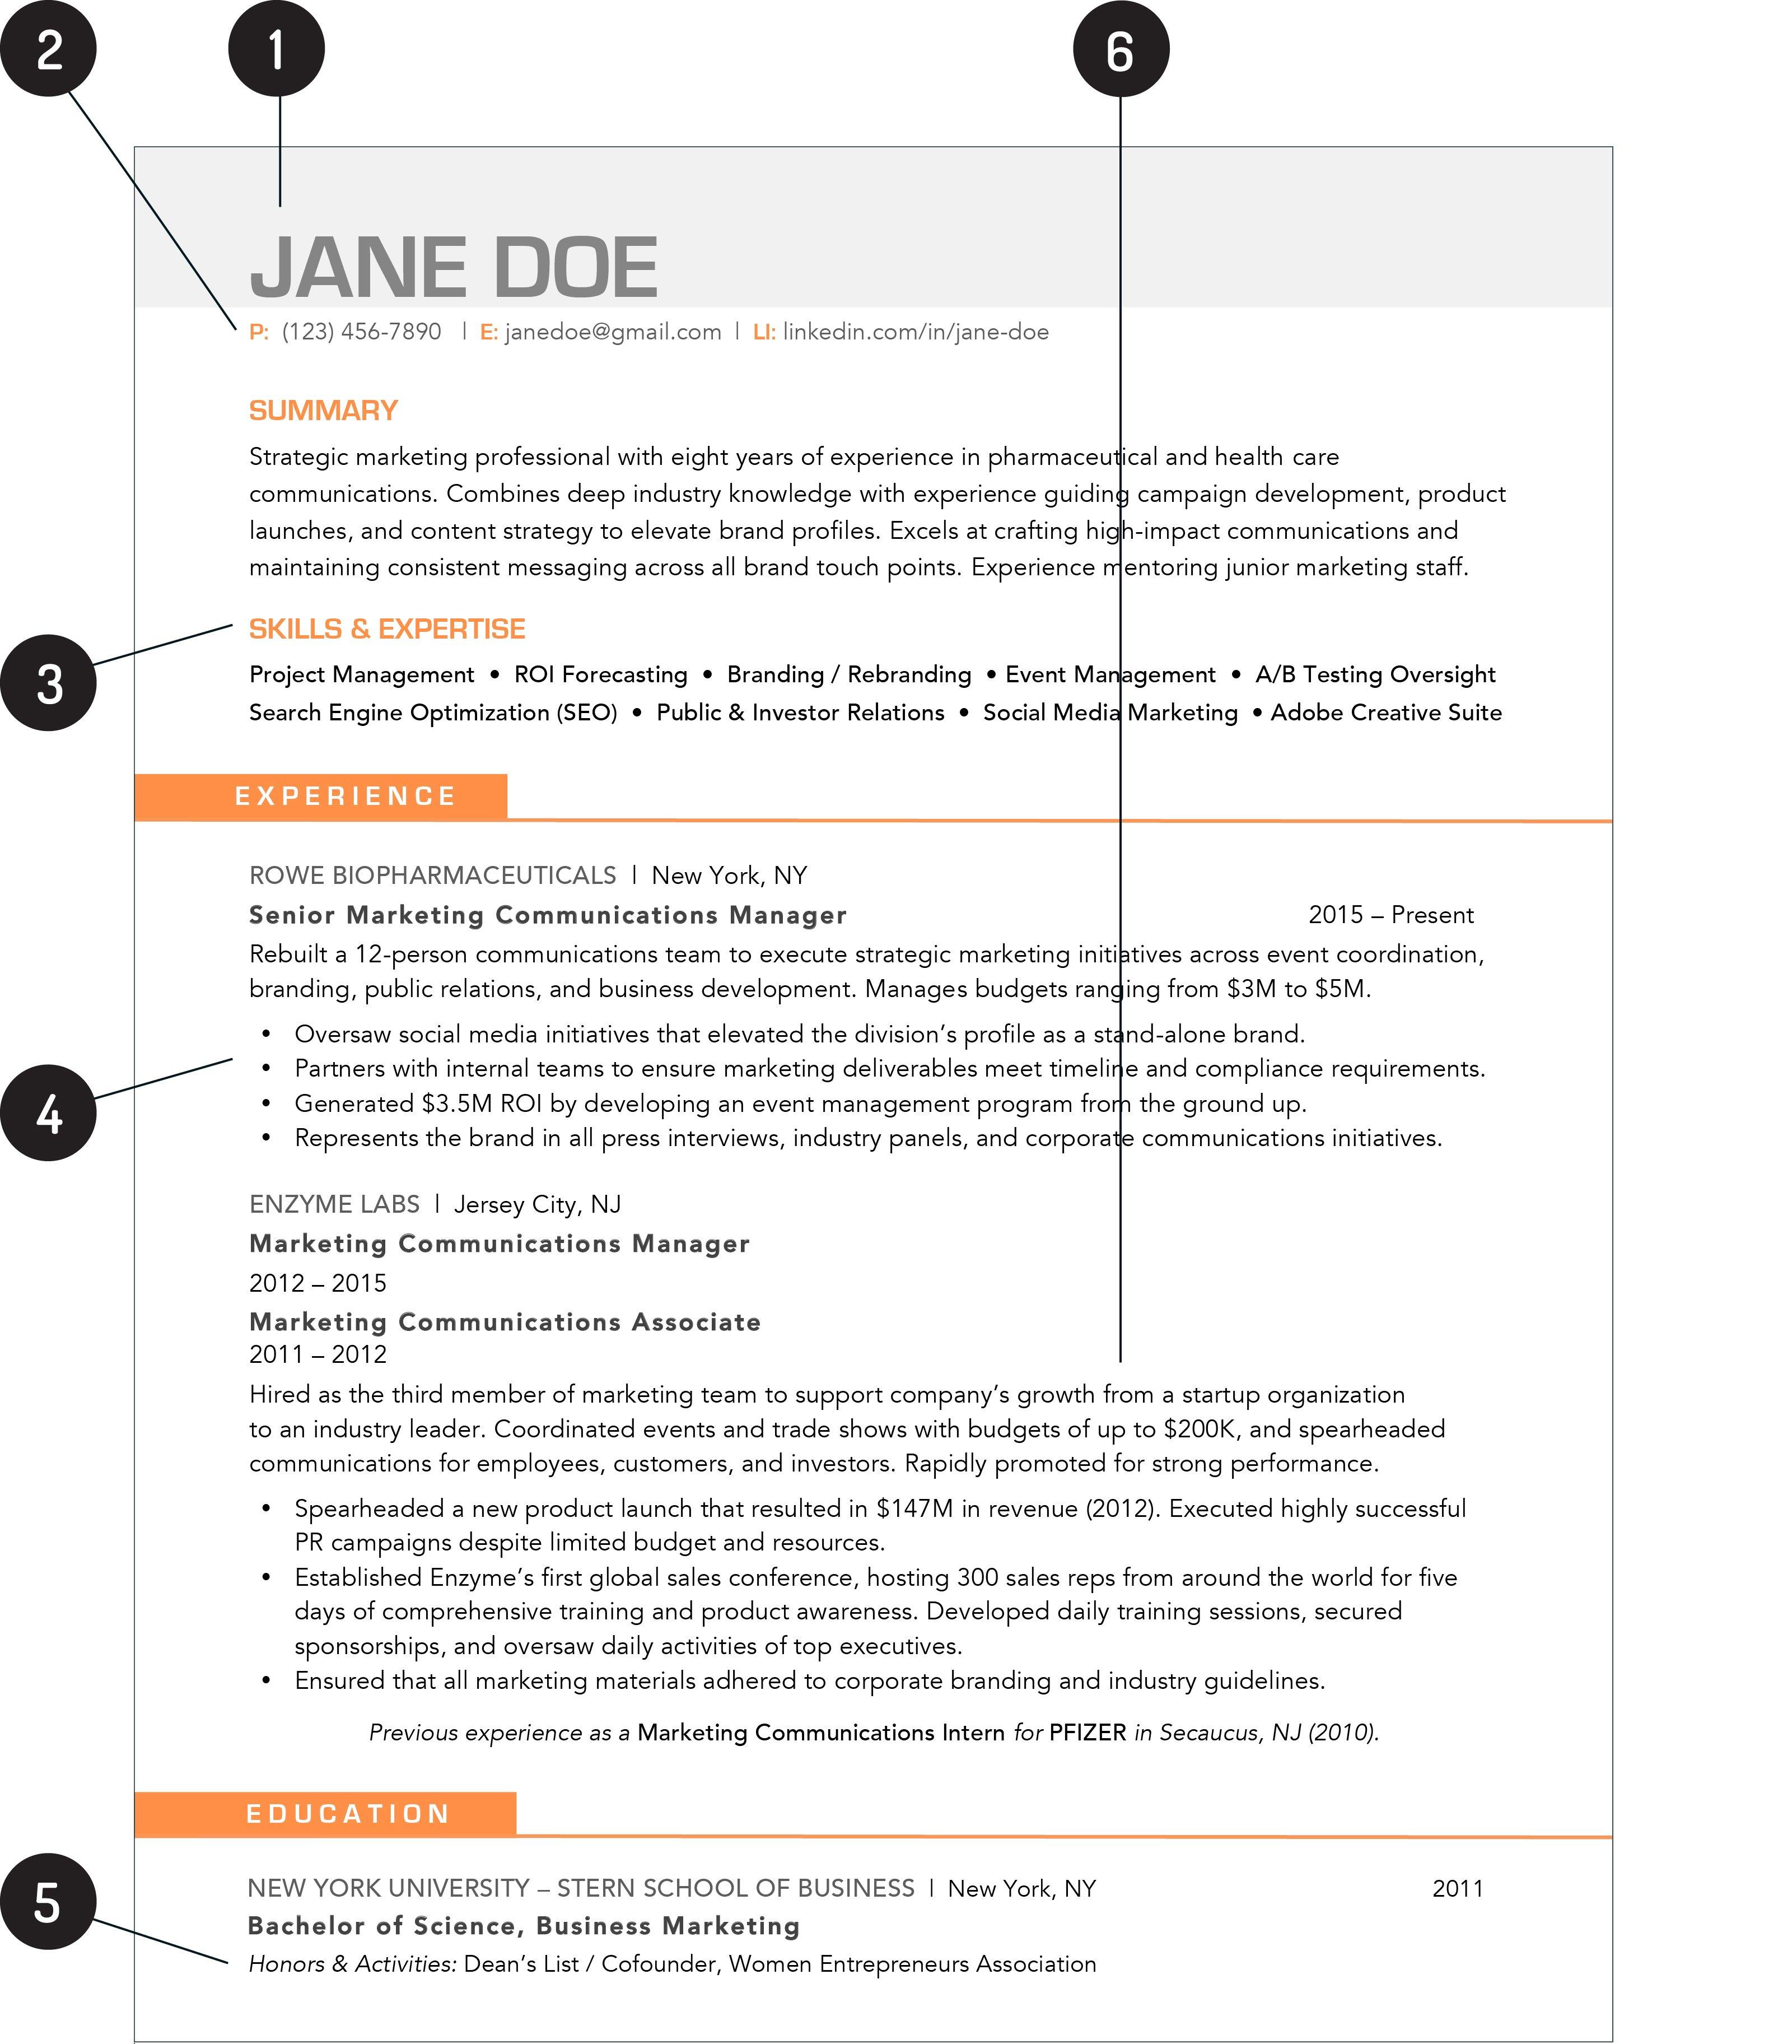 How To Write A Resume For A Job Job Resume 2019 Annotated 3 how to write a resume for a job wikiresume.com